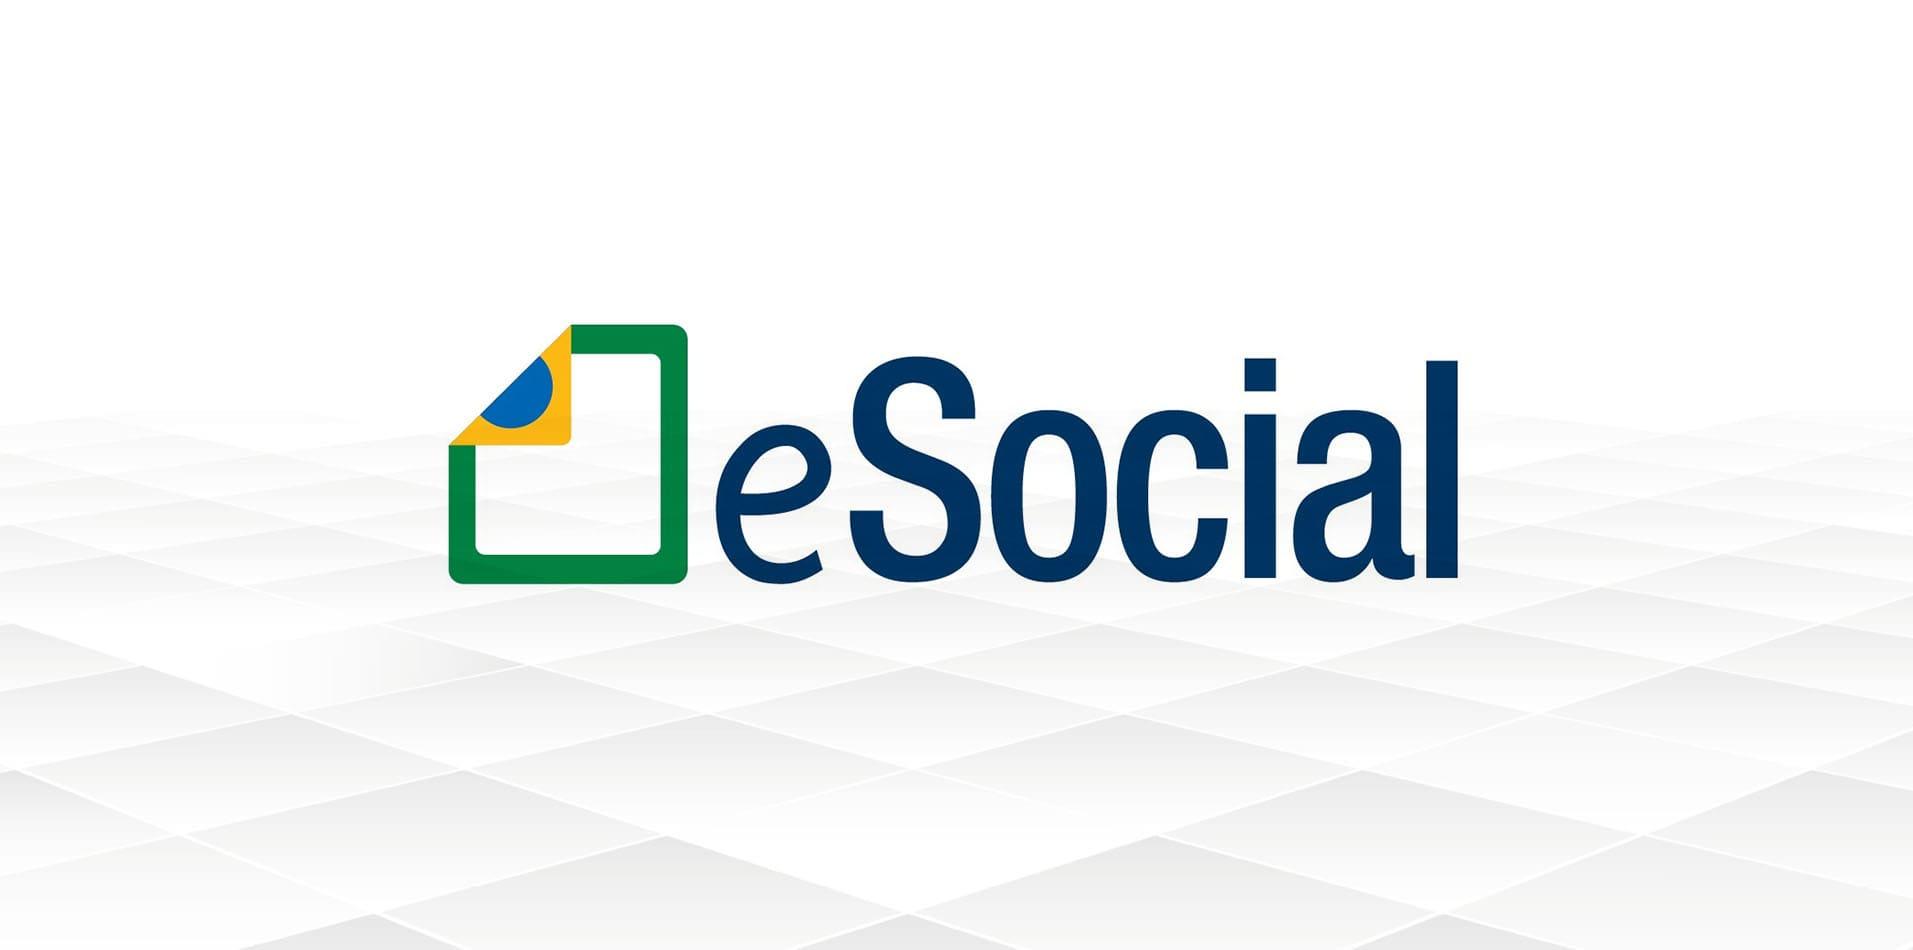 Foto do logo do sistema eSocial, que obteve algumas mudanças importantes para os empreendedores, colaboradores e contadores